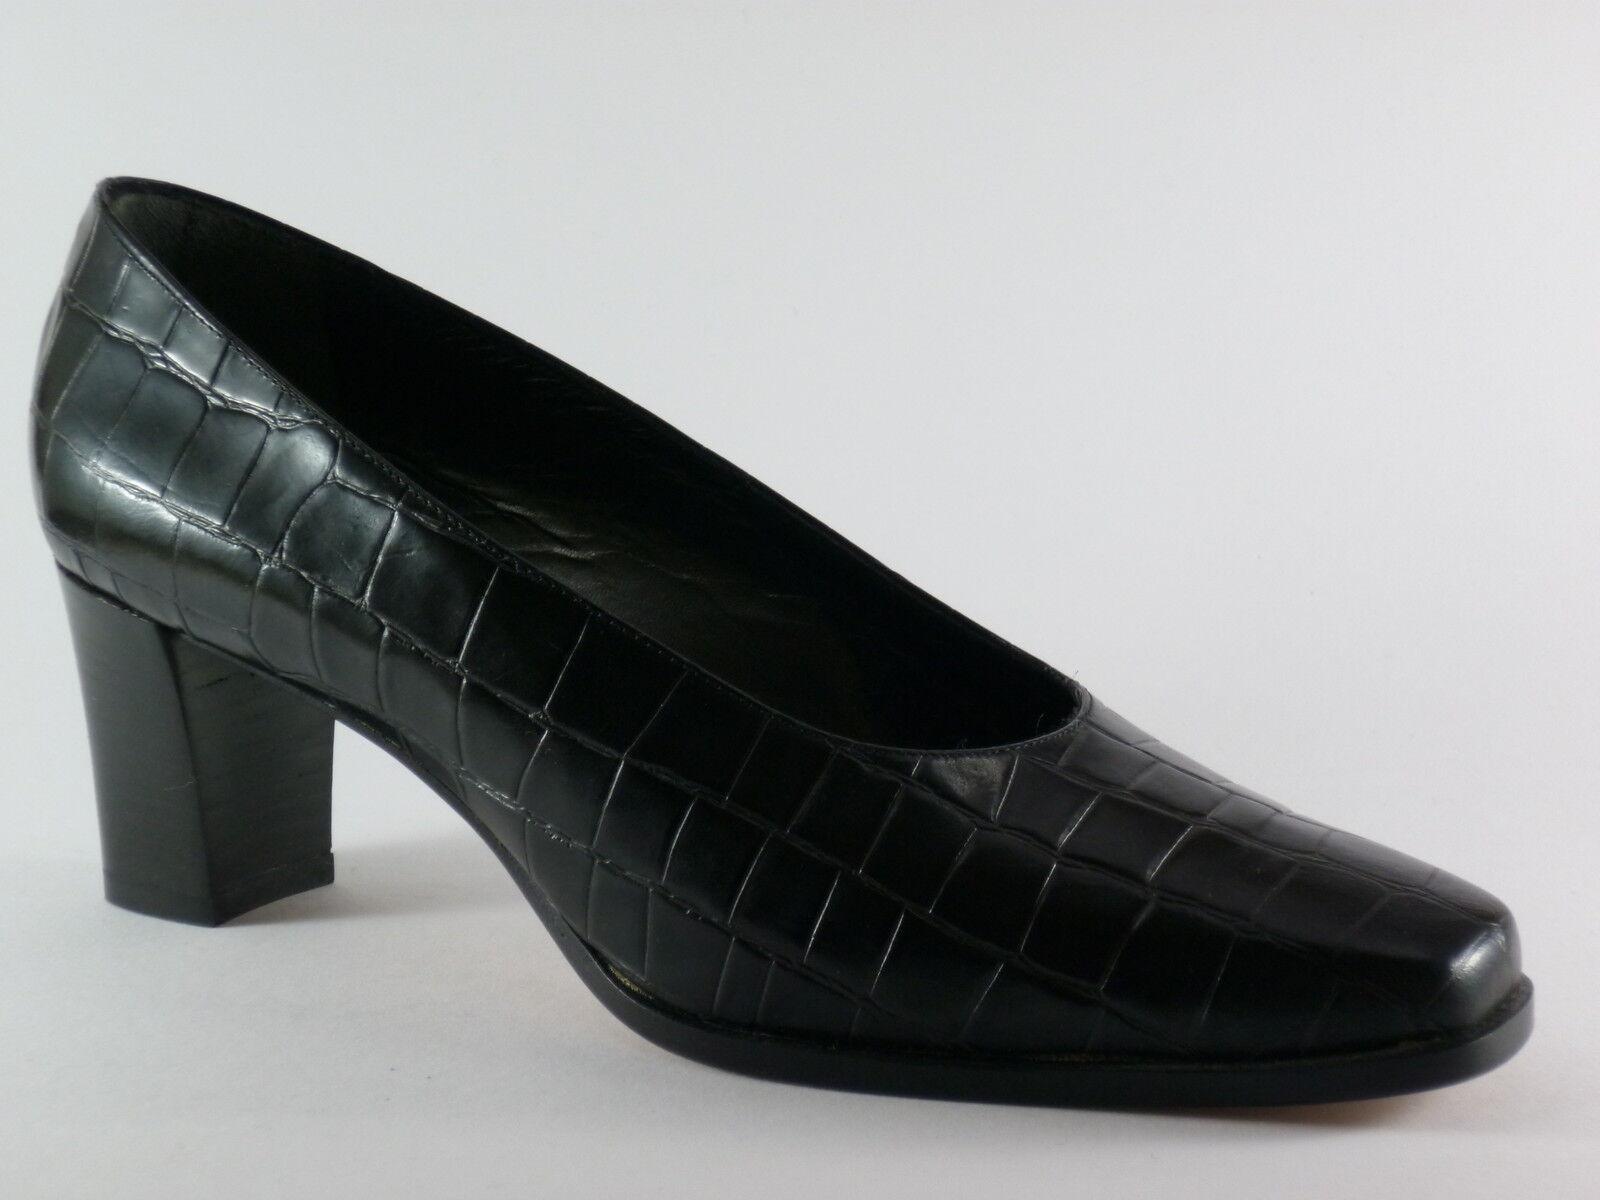 Marcello GIOVANNETTI Scarpe Donna 40 pelle nero da sera Scarpe Décolleté NUOVO | Aspetto piacevole  | Scolaro/Signora Scarpa